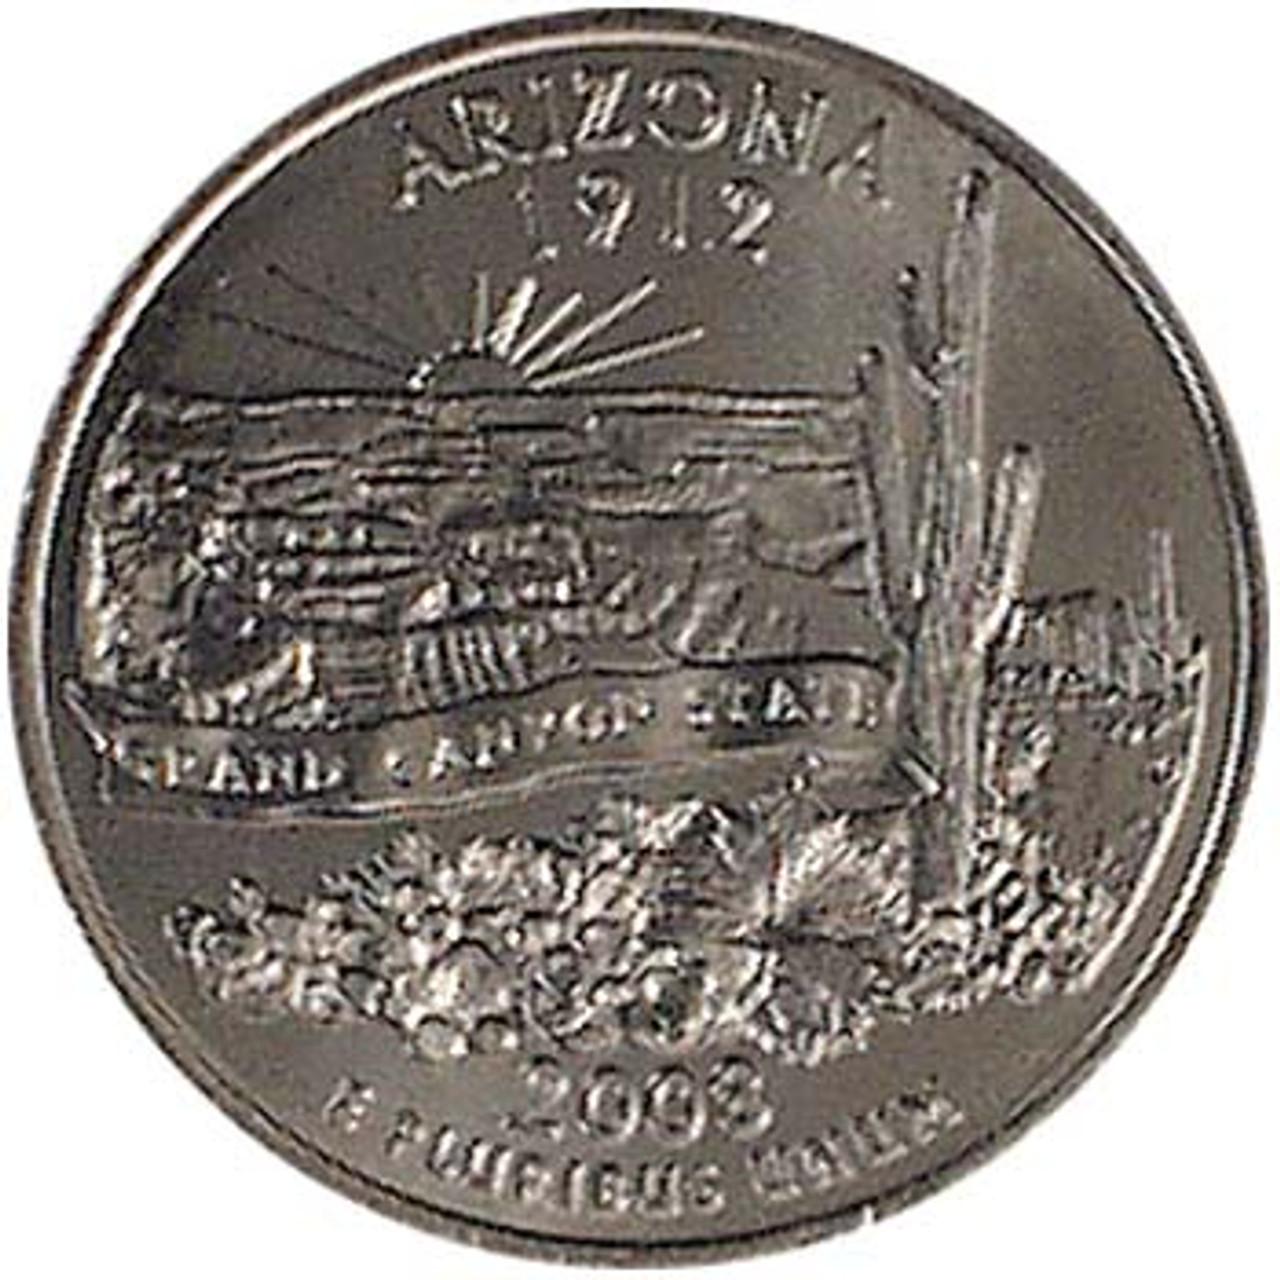 2008-P Arizona Quarter Brilliant Uncirculated Image 1